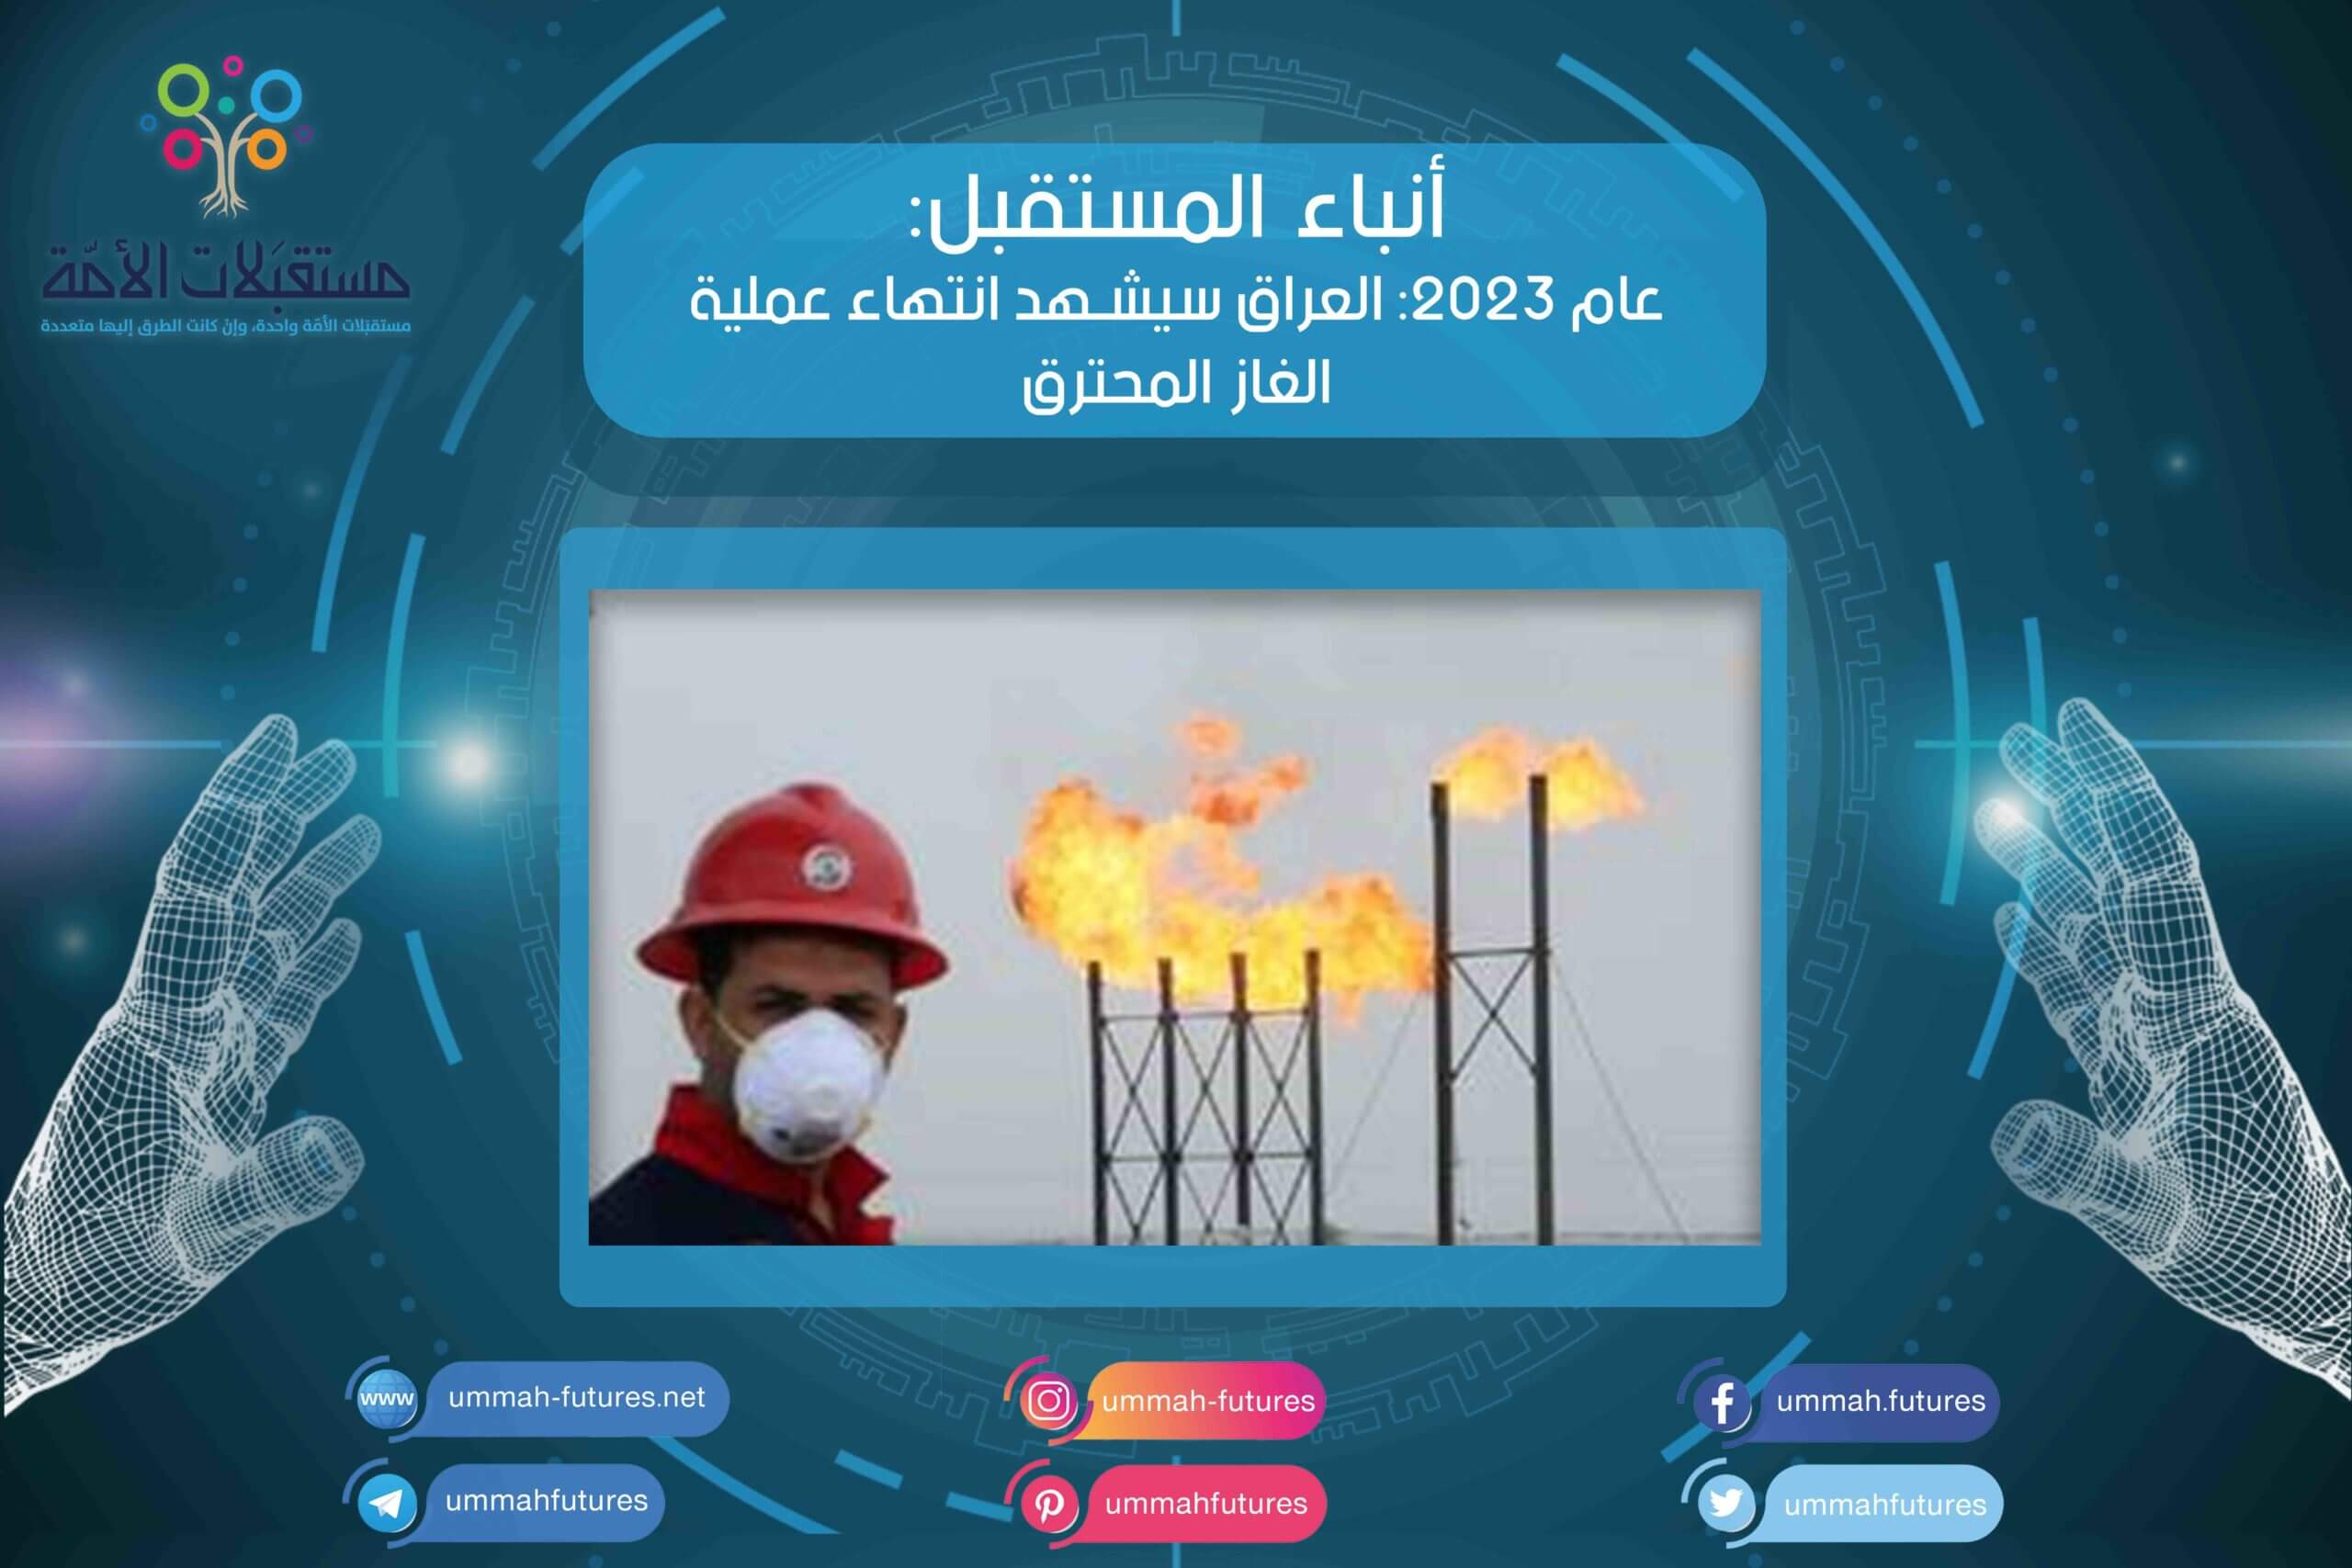 عام 2023: العراق يشهد انتهاء عملية الغاز المحترق